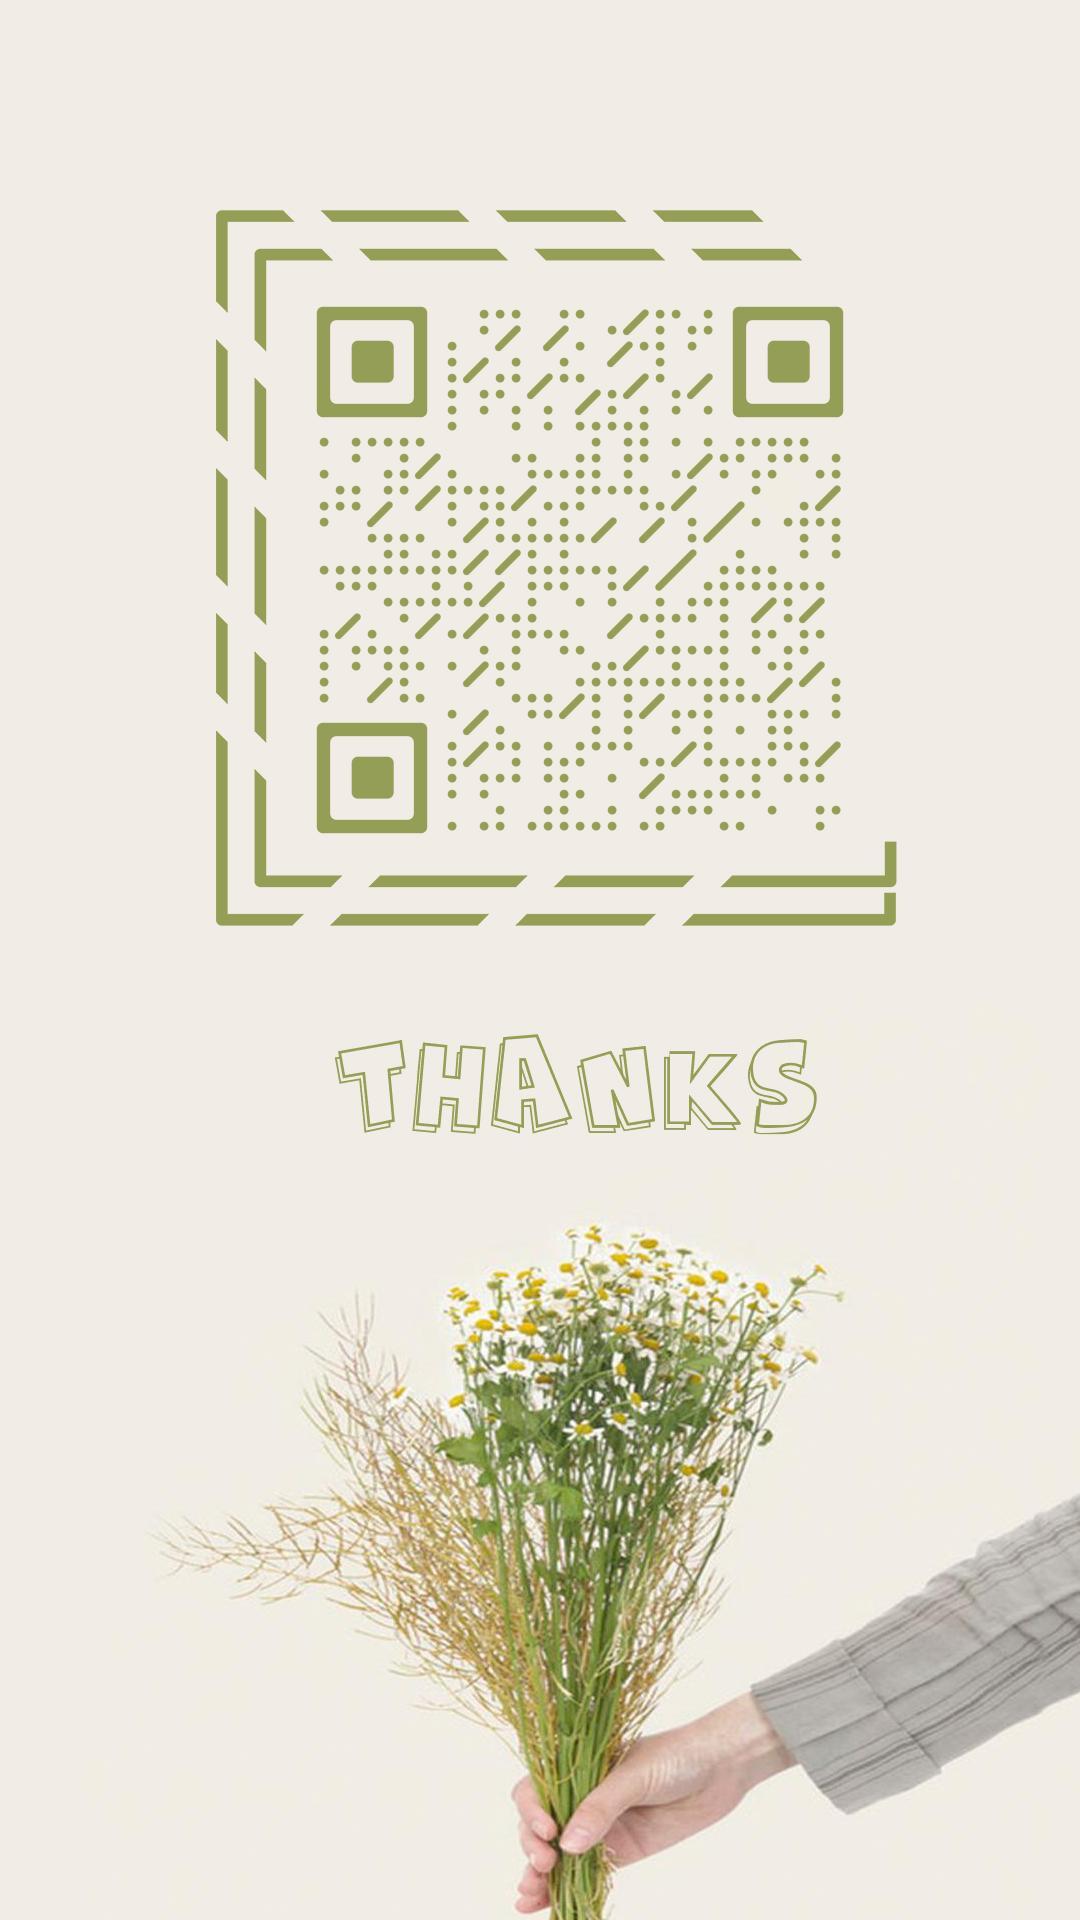 感恩有你 藝術二維碼